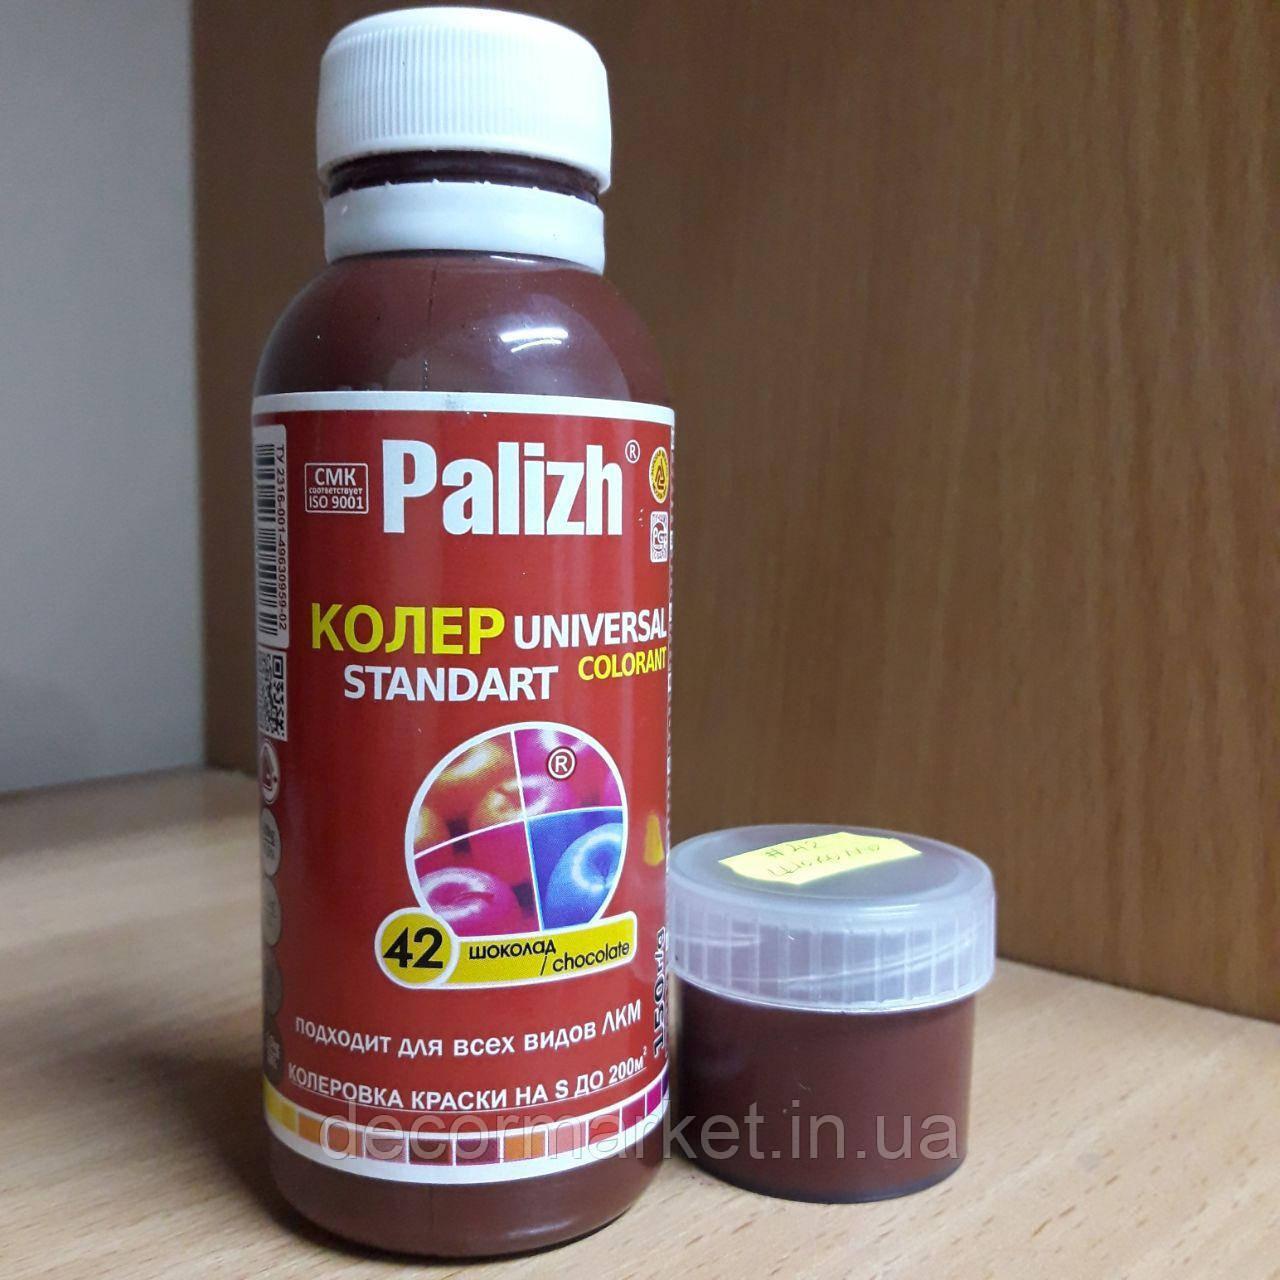 Колер PALIGH шоколад 140мл